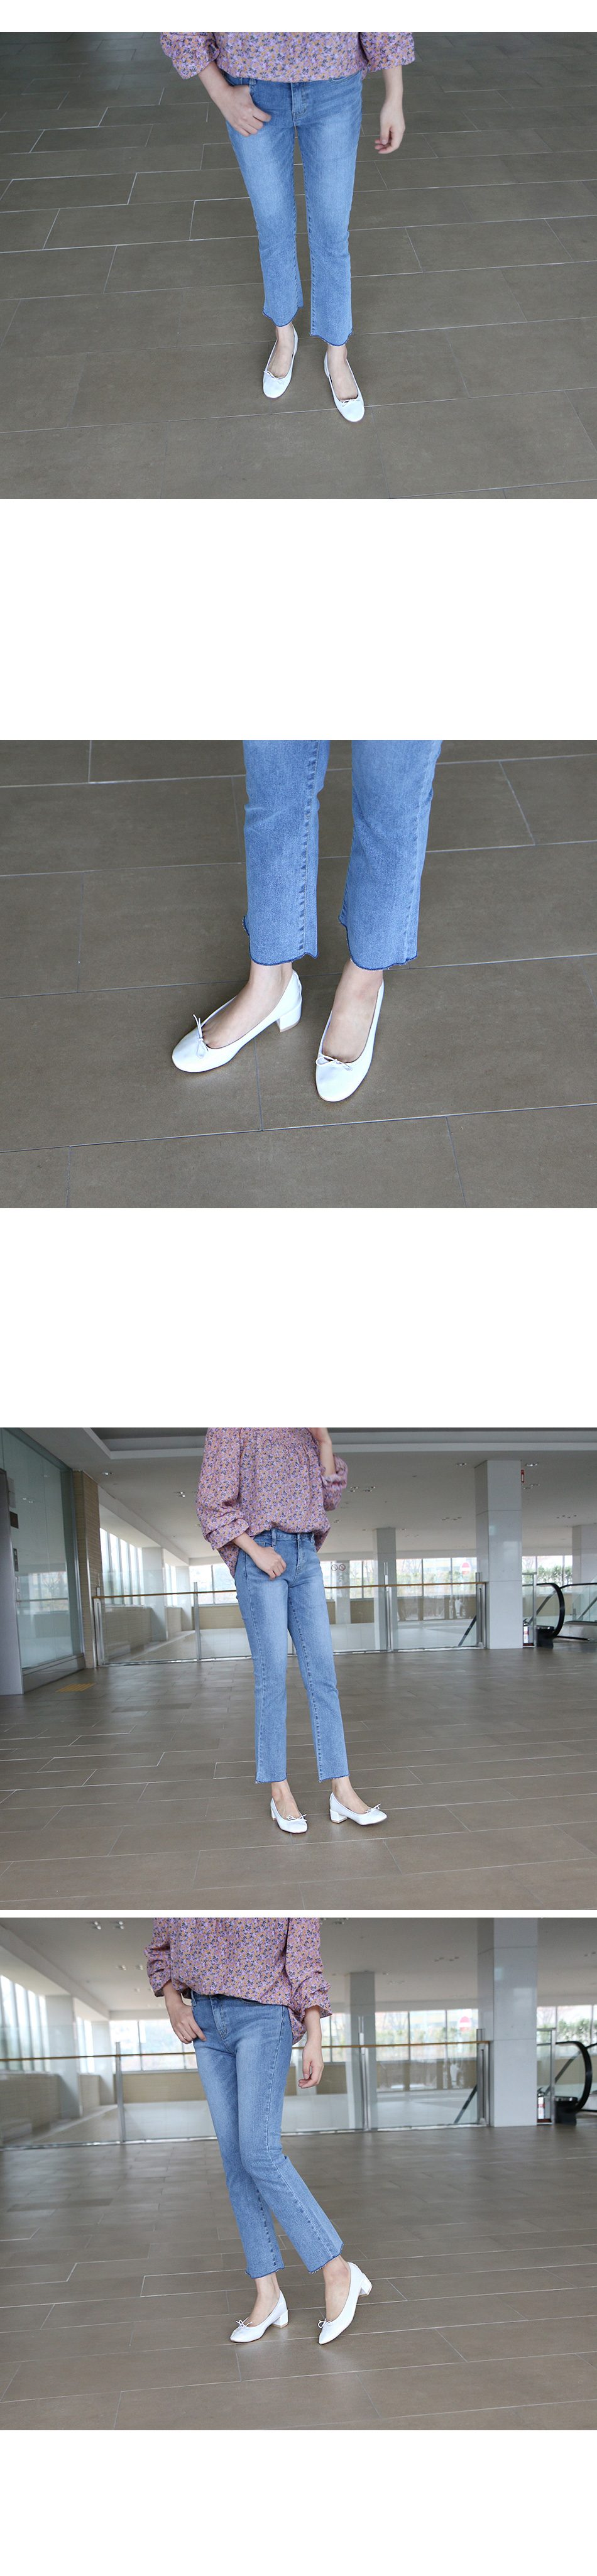 로펠드 에나멜 리본 플랫슈즈 착용컷